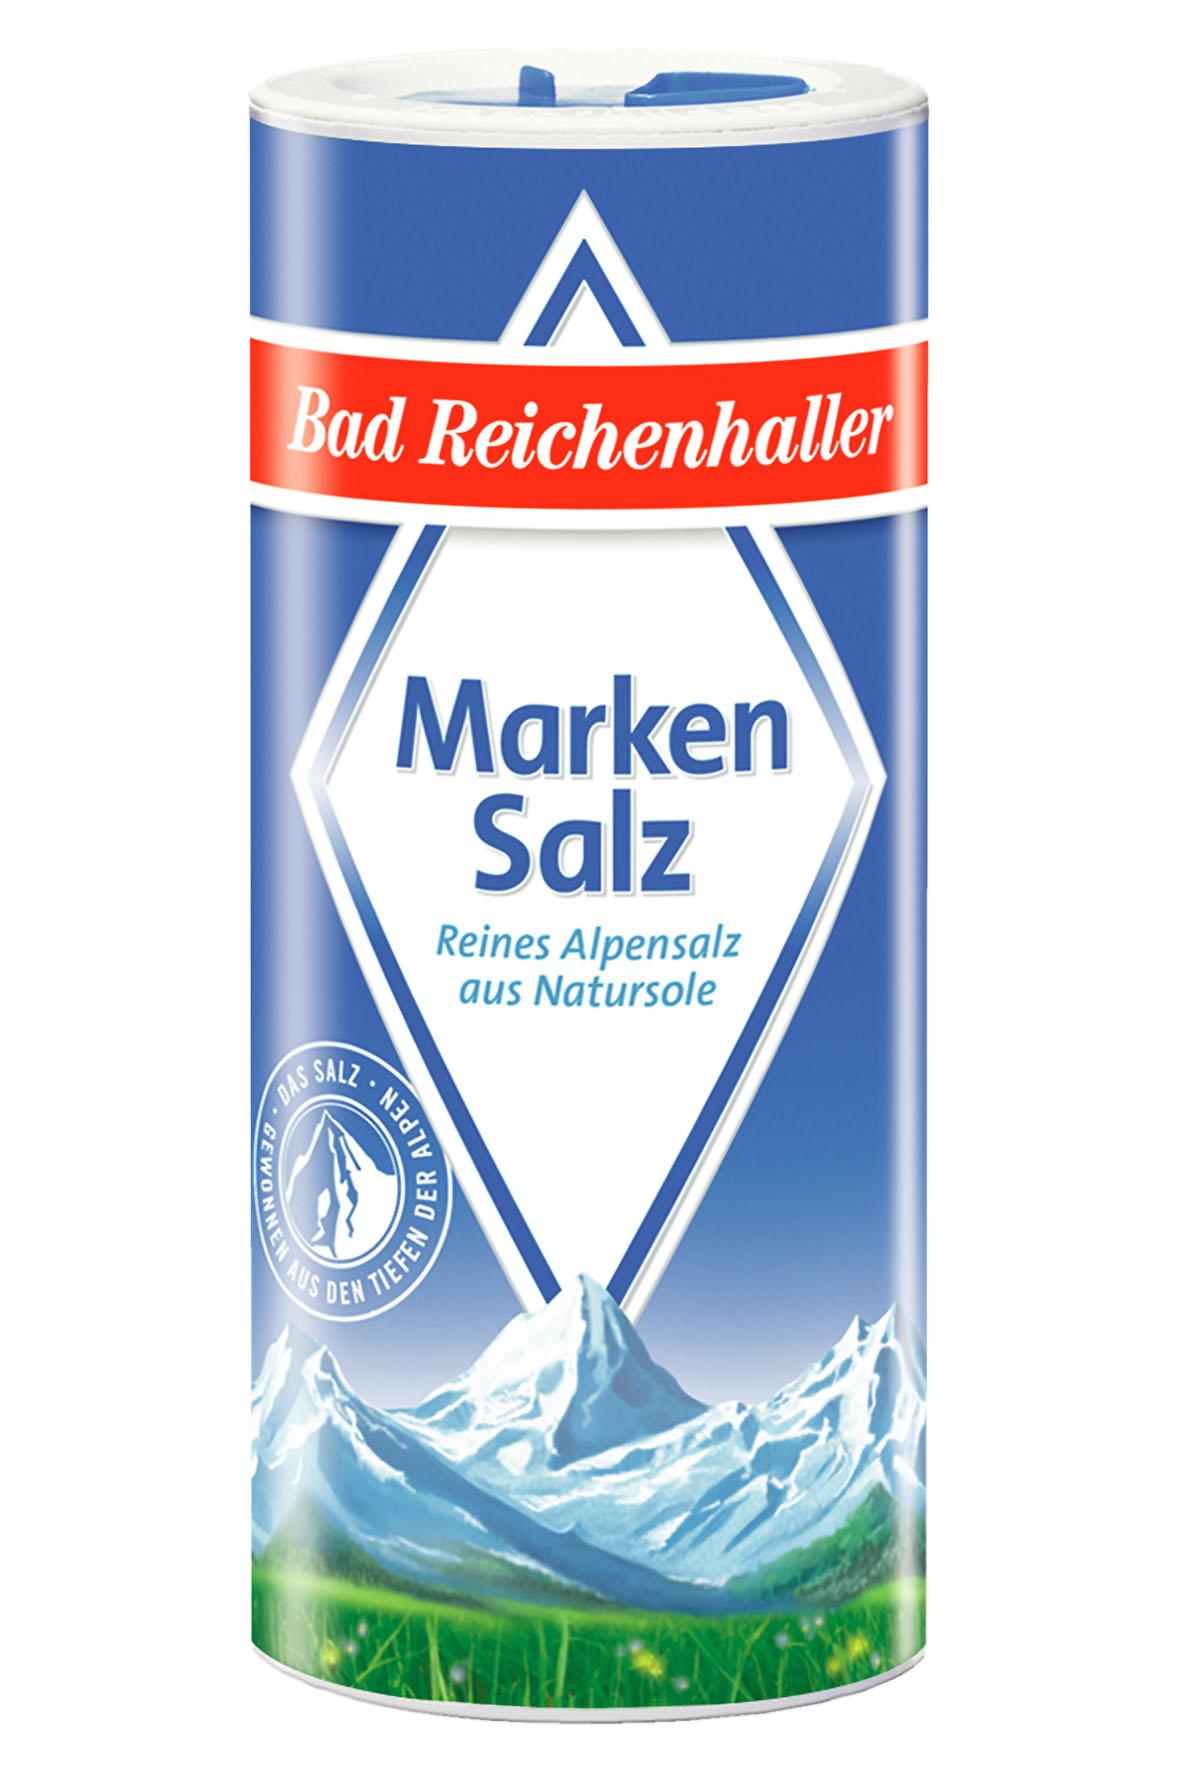 Salz ist ein lebensnotwendiger Mineralstoff, der den Wasser- und Nährstoffhaushalt im Körper steuert.